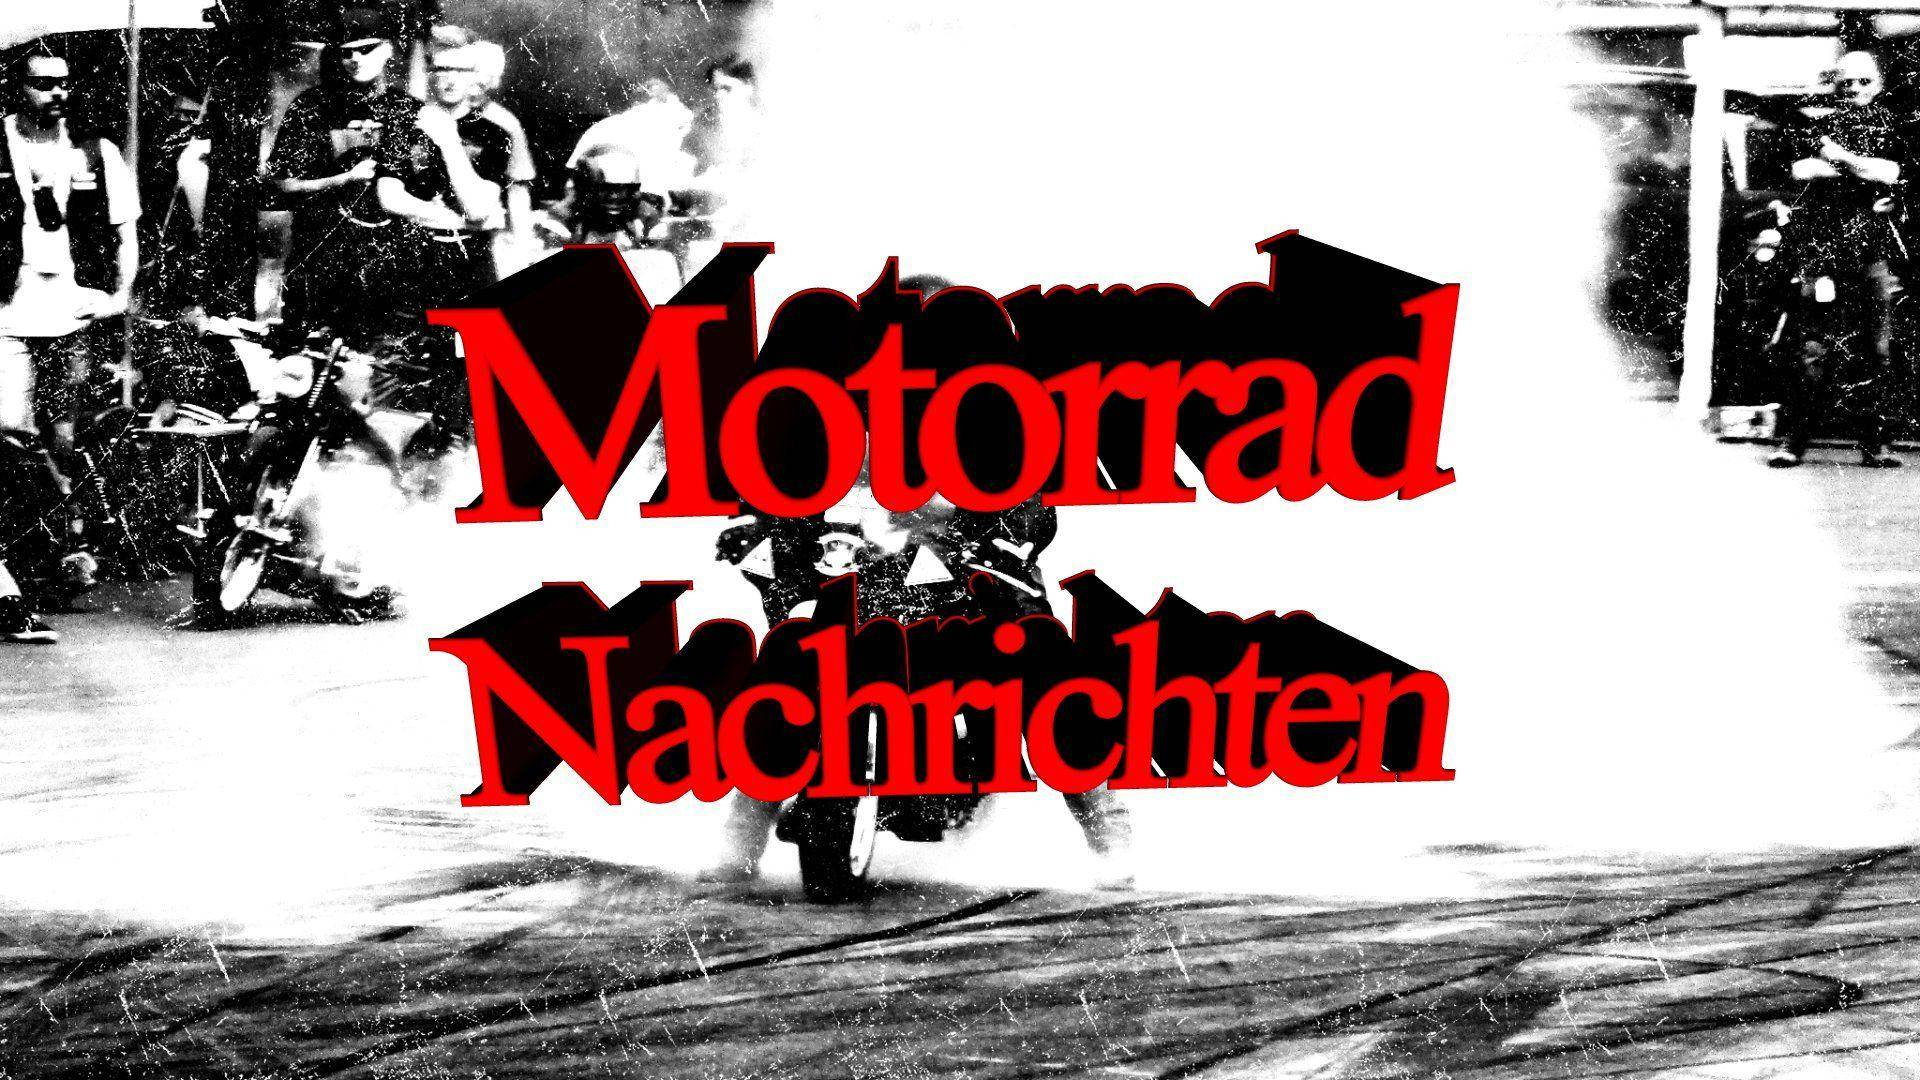 Motorrad nachrichten 1 motorcycles news motorcycle for Nachrichten magazin